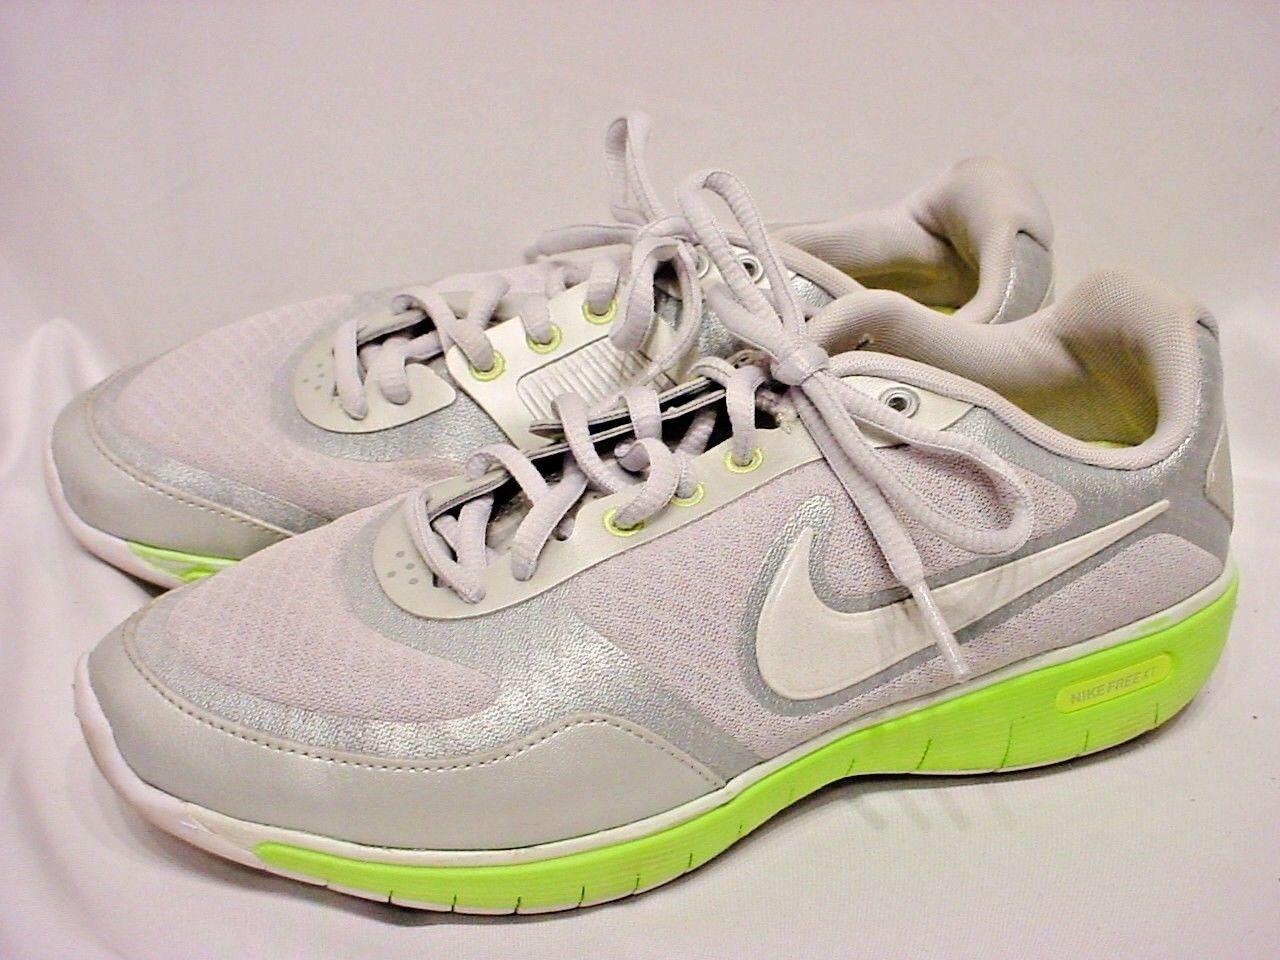 Nike libera xt ogni giorno in argentoo   verde neon atletico scorpe 6,5 429844-001 | Materiali Di Qualità Superiore  | Uomo/Donna Scarpa